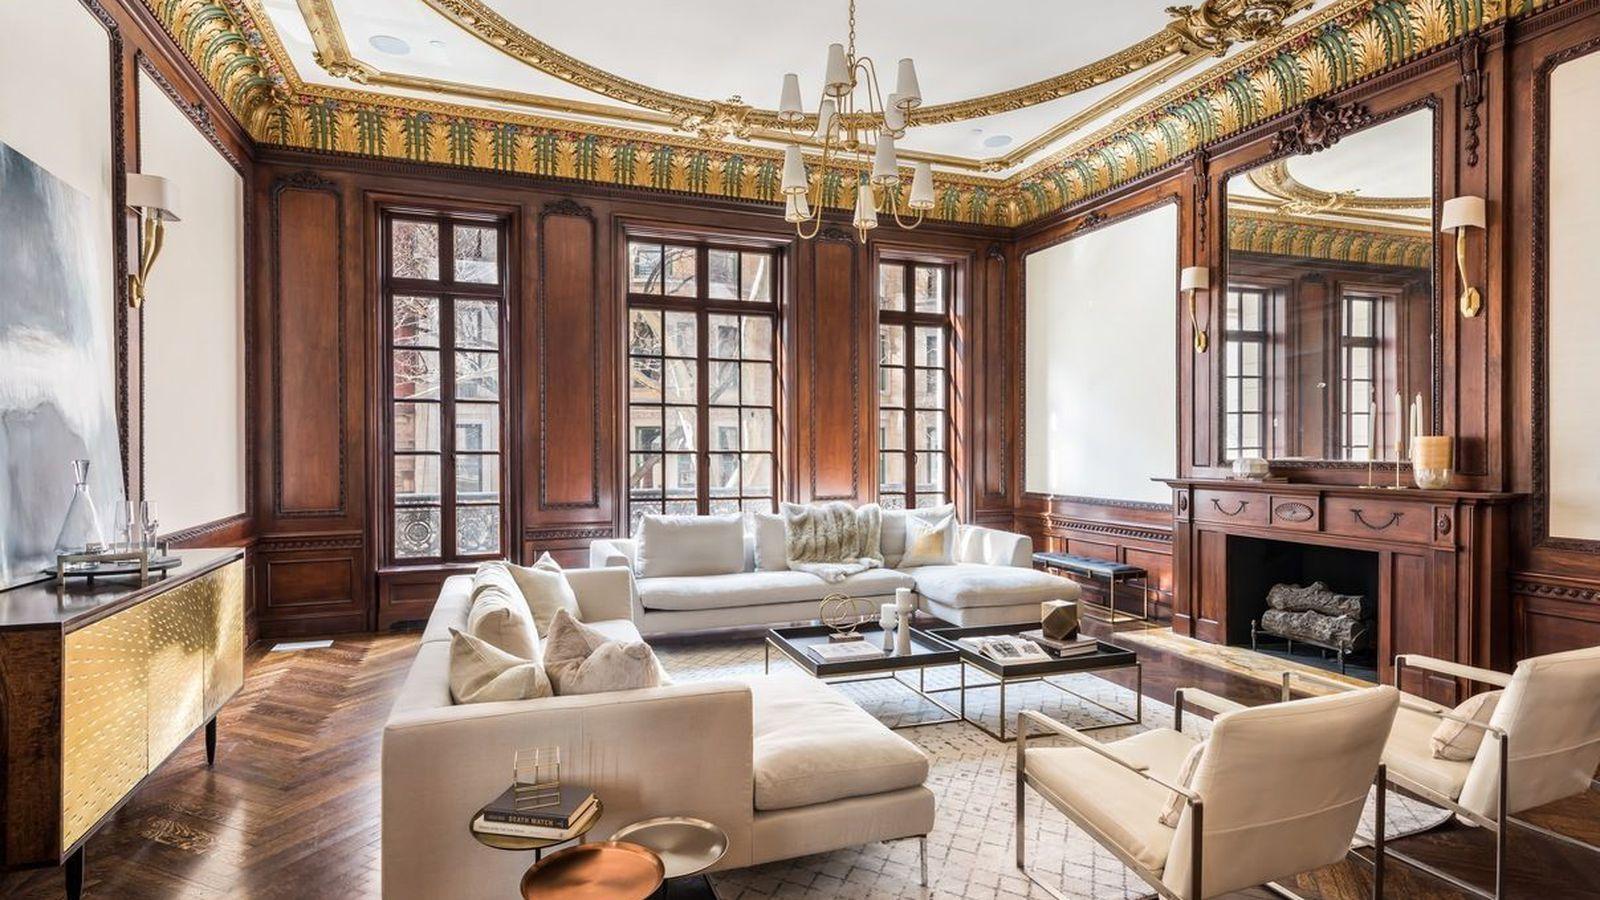 Historic Upper West Side Mansion Near Central Park Seeks